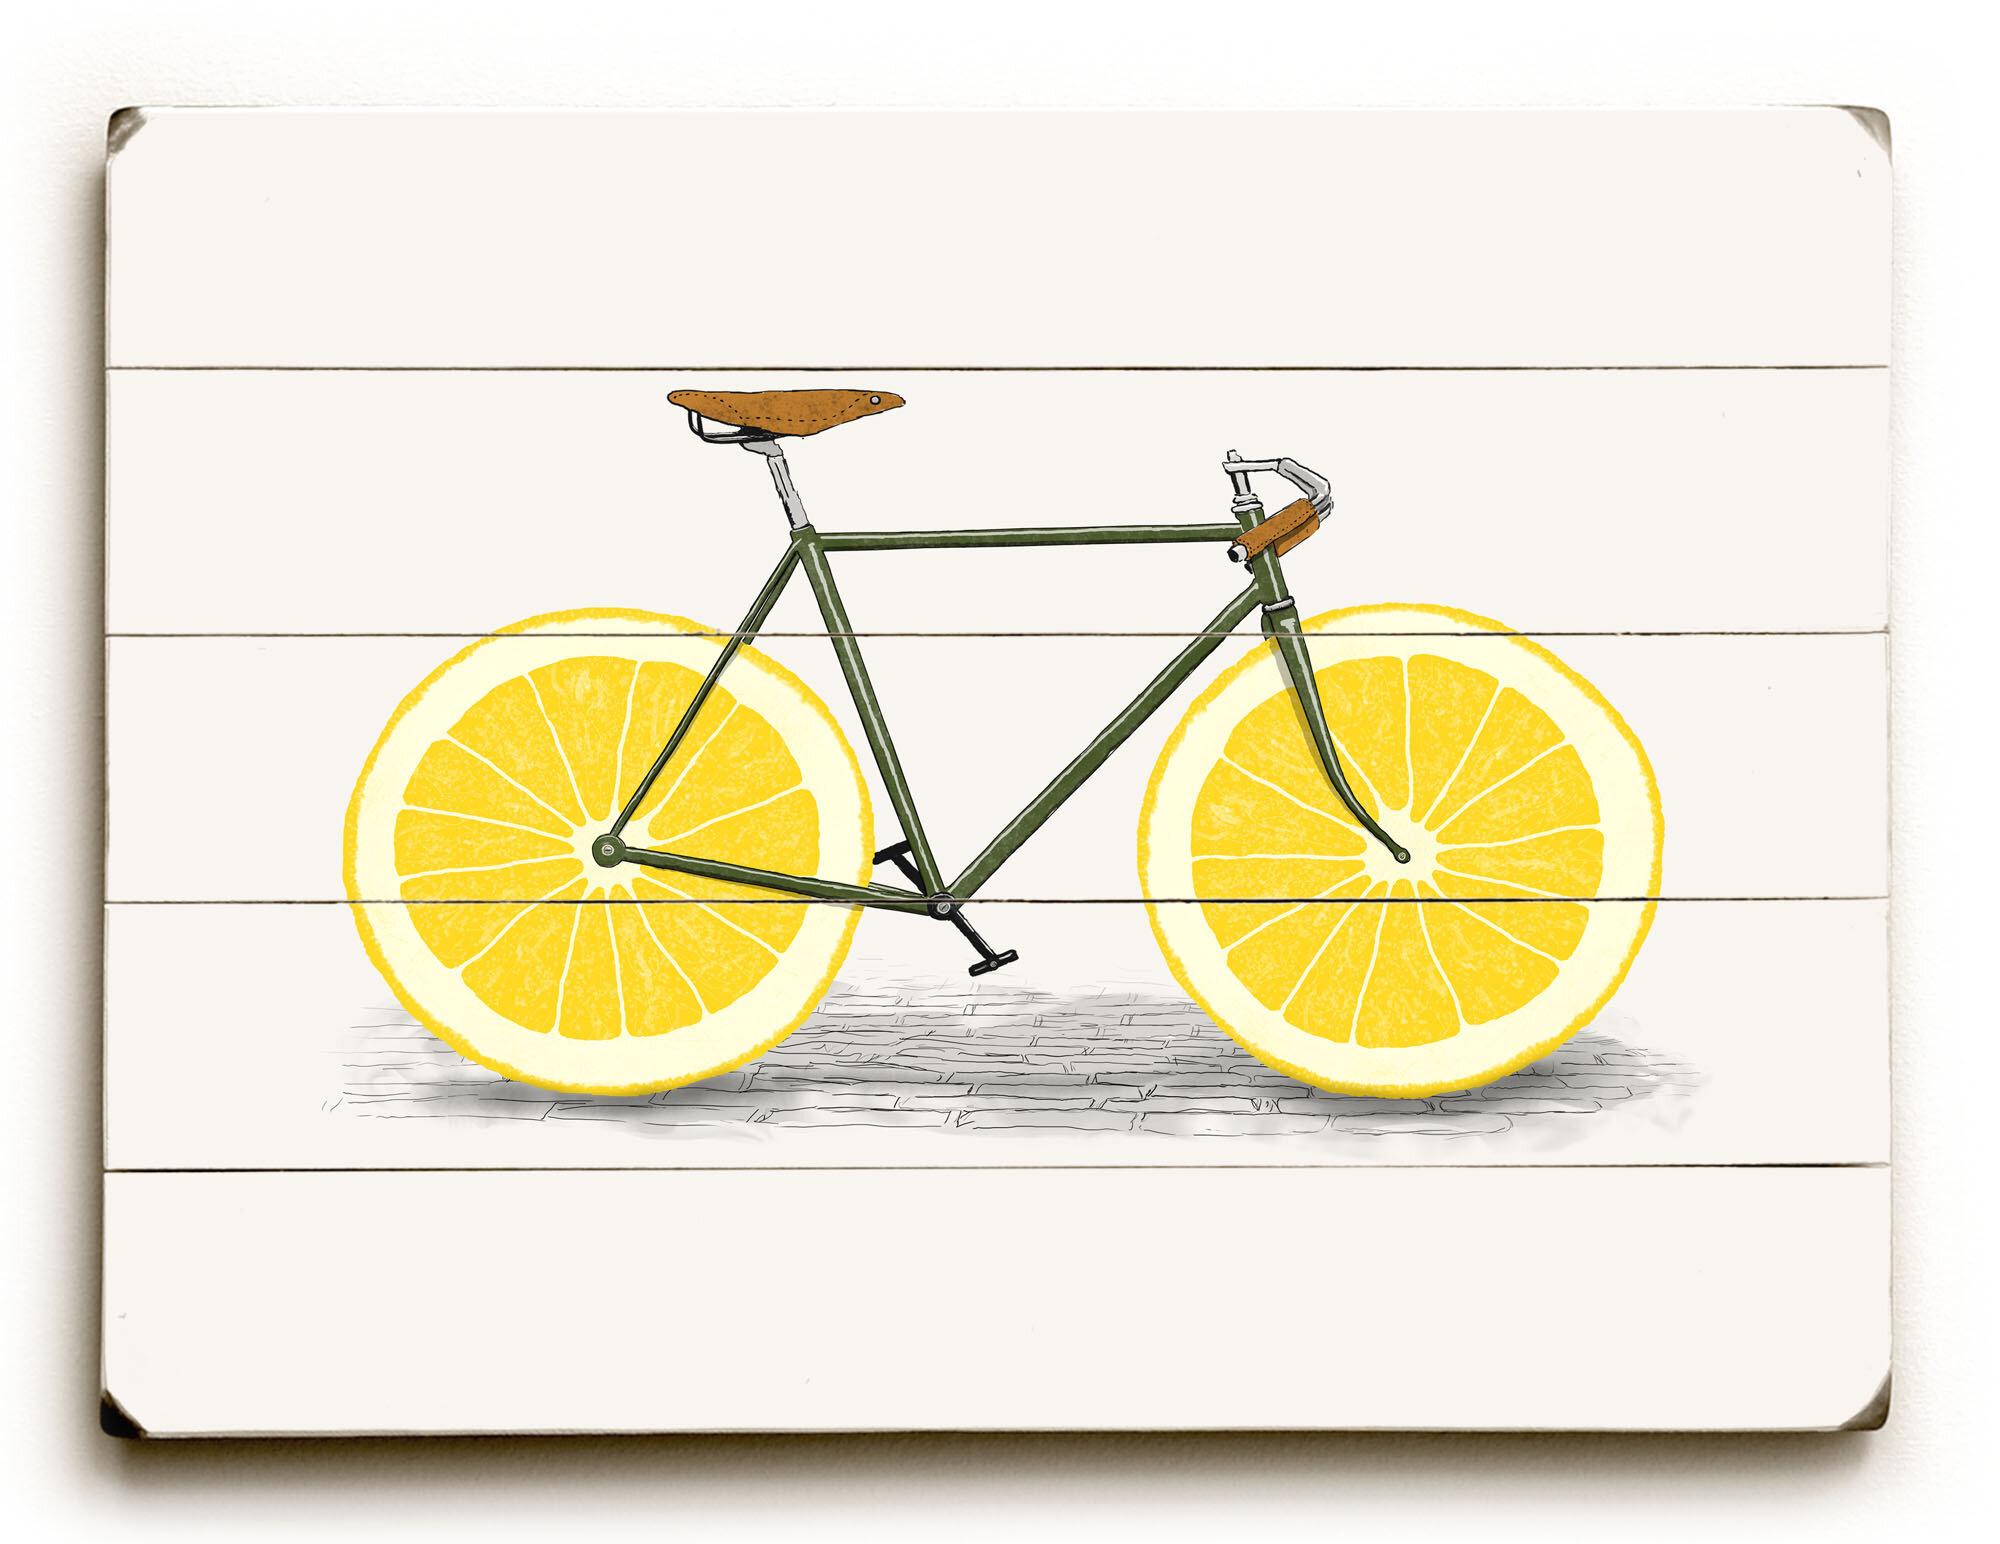 Lemon Zest Wall Art & Reviews   Joss & Main